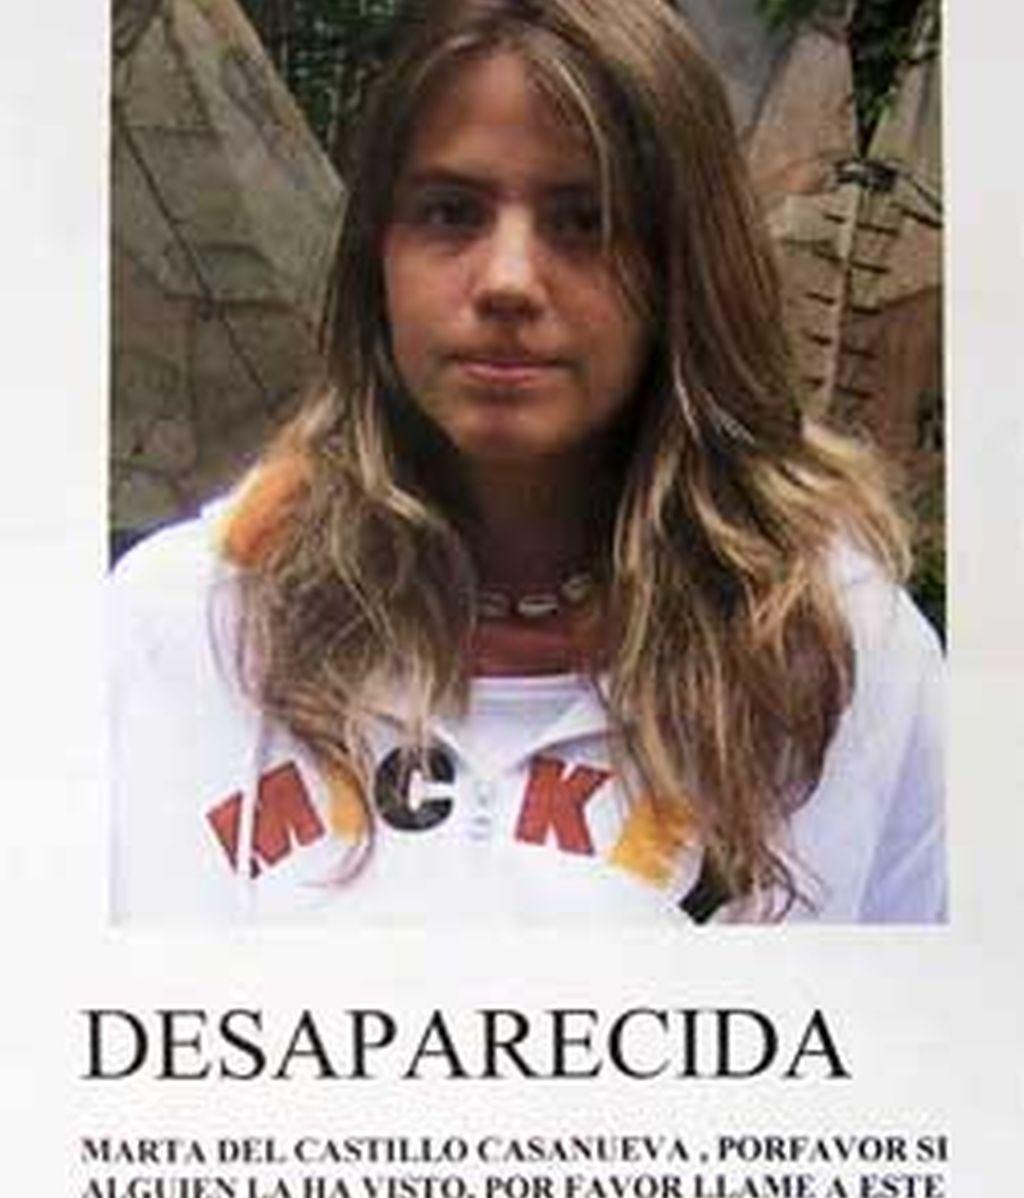 Marta del Castillo desapareció en Sevilla el 24 enero.